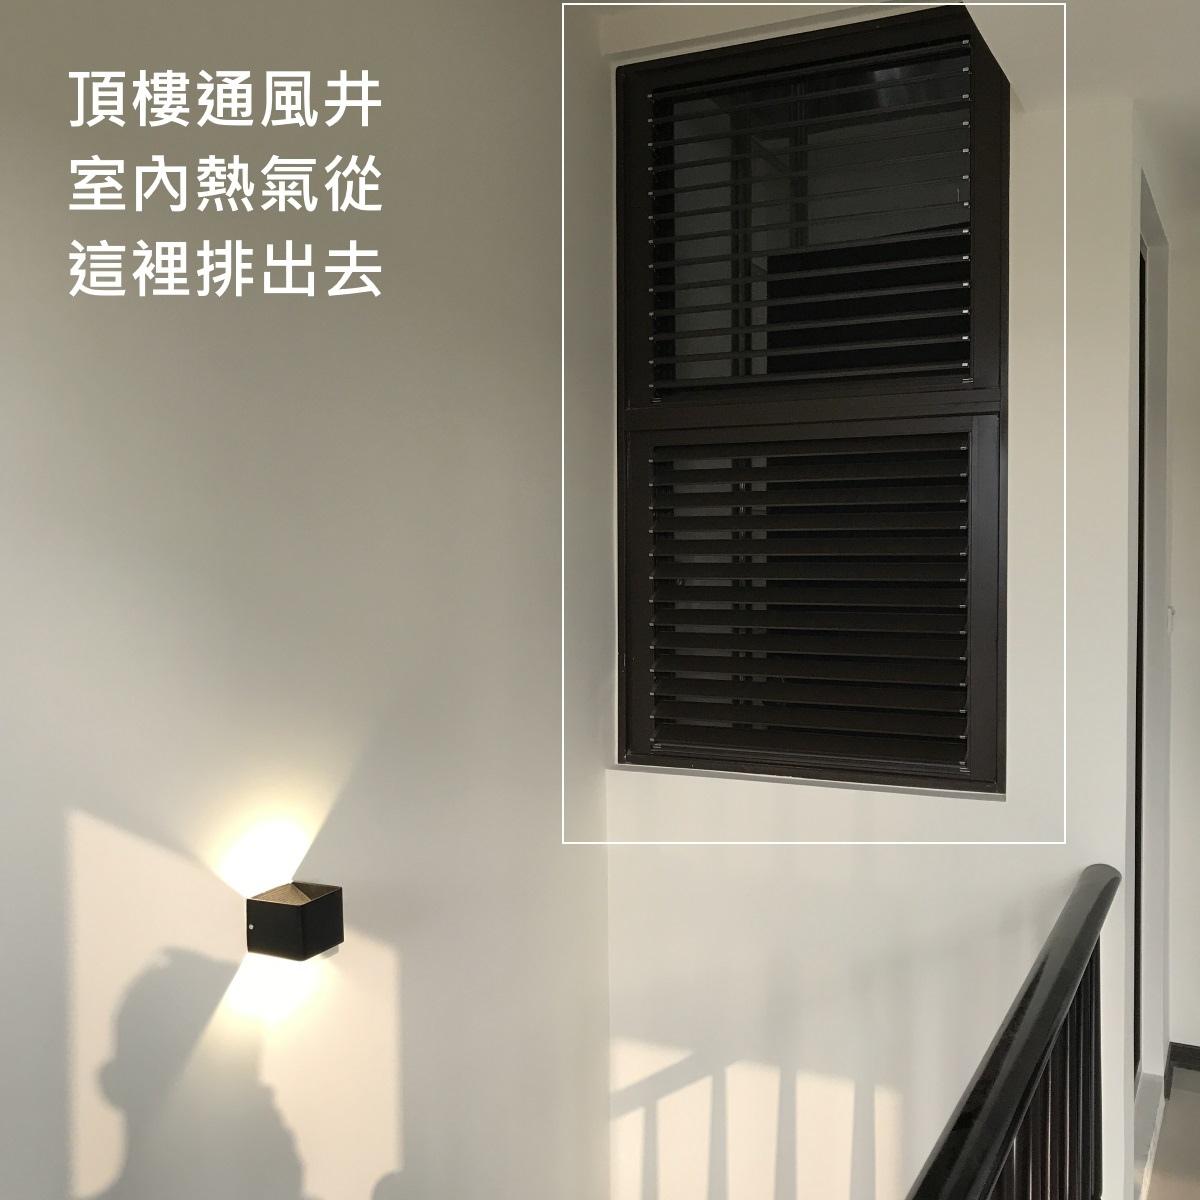 [專題報導]停電怎麼辦?深耕11有解-07.JPG